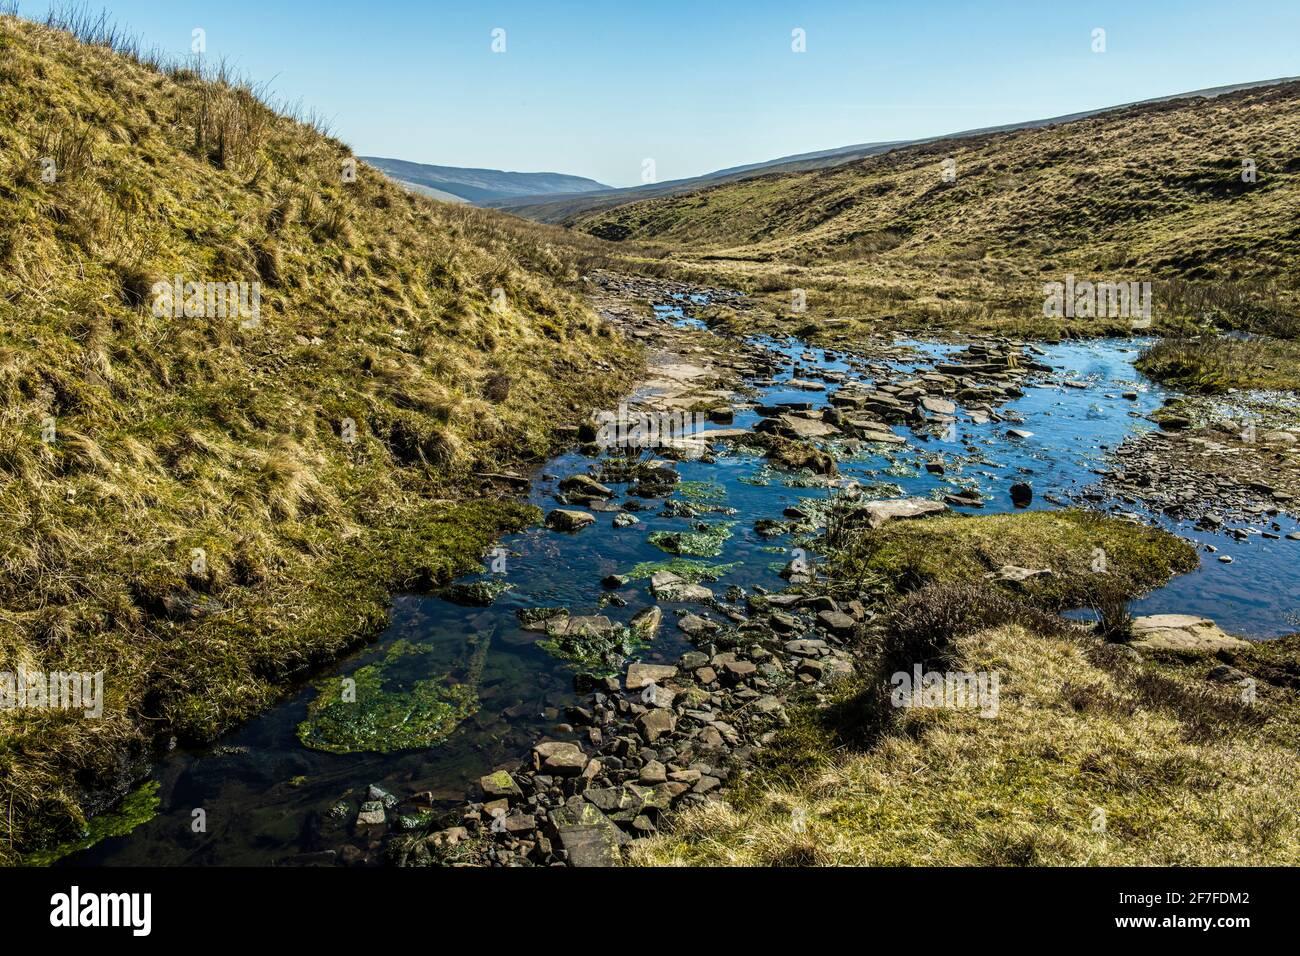 La fuente del río Grwyne antes de su viaje a través El embalse y en el valle Foto de stock